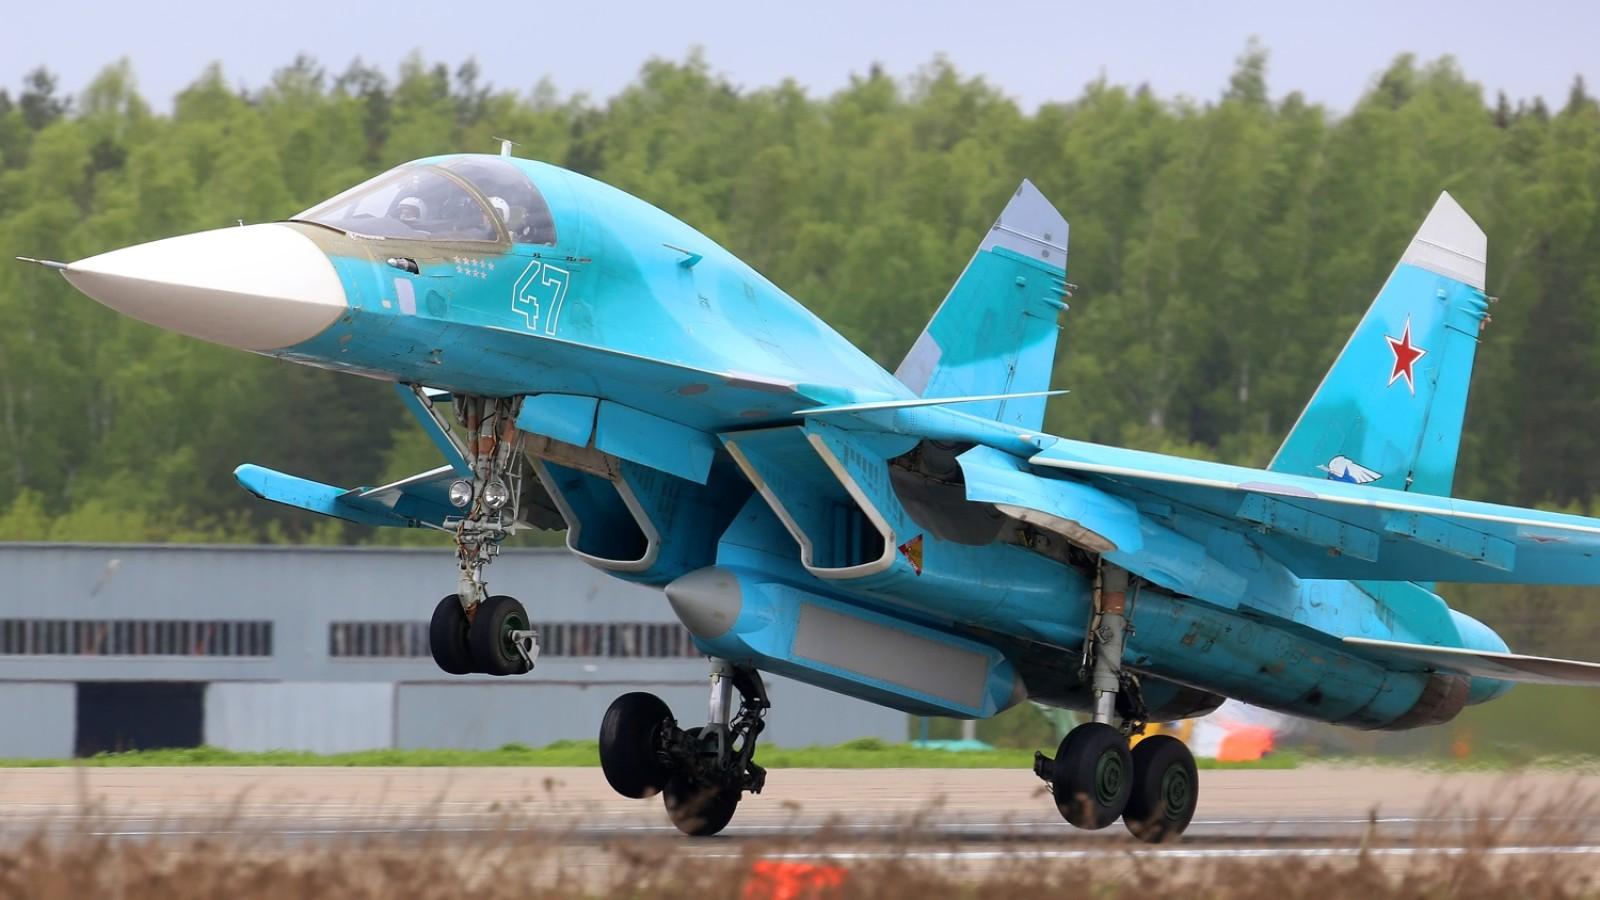 Taktički bombarder Su-34, budući oslonac ruske frontovske avijacije